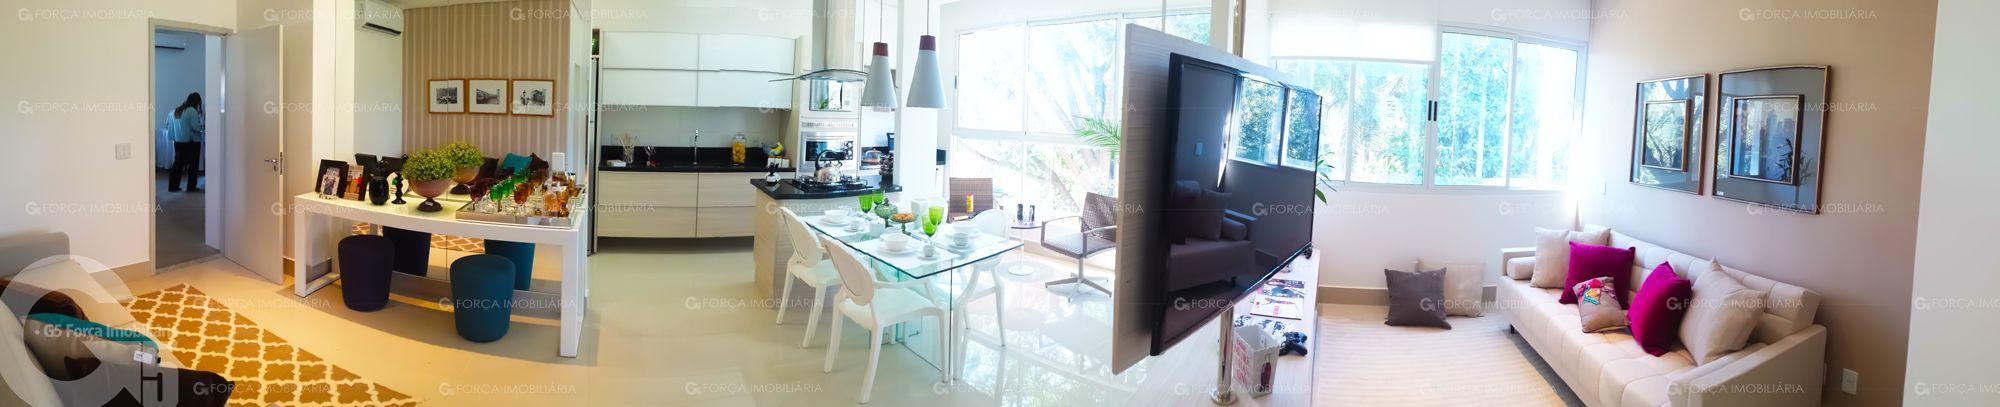 Apartamento 2 Quartos Decorado Terra Mundi Parque Cascavel - Living 360º